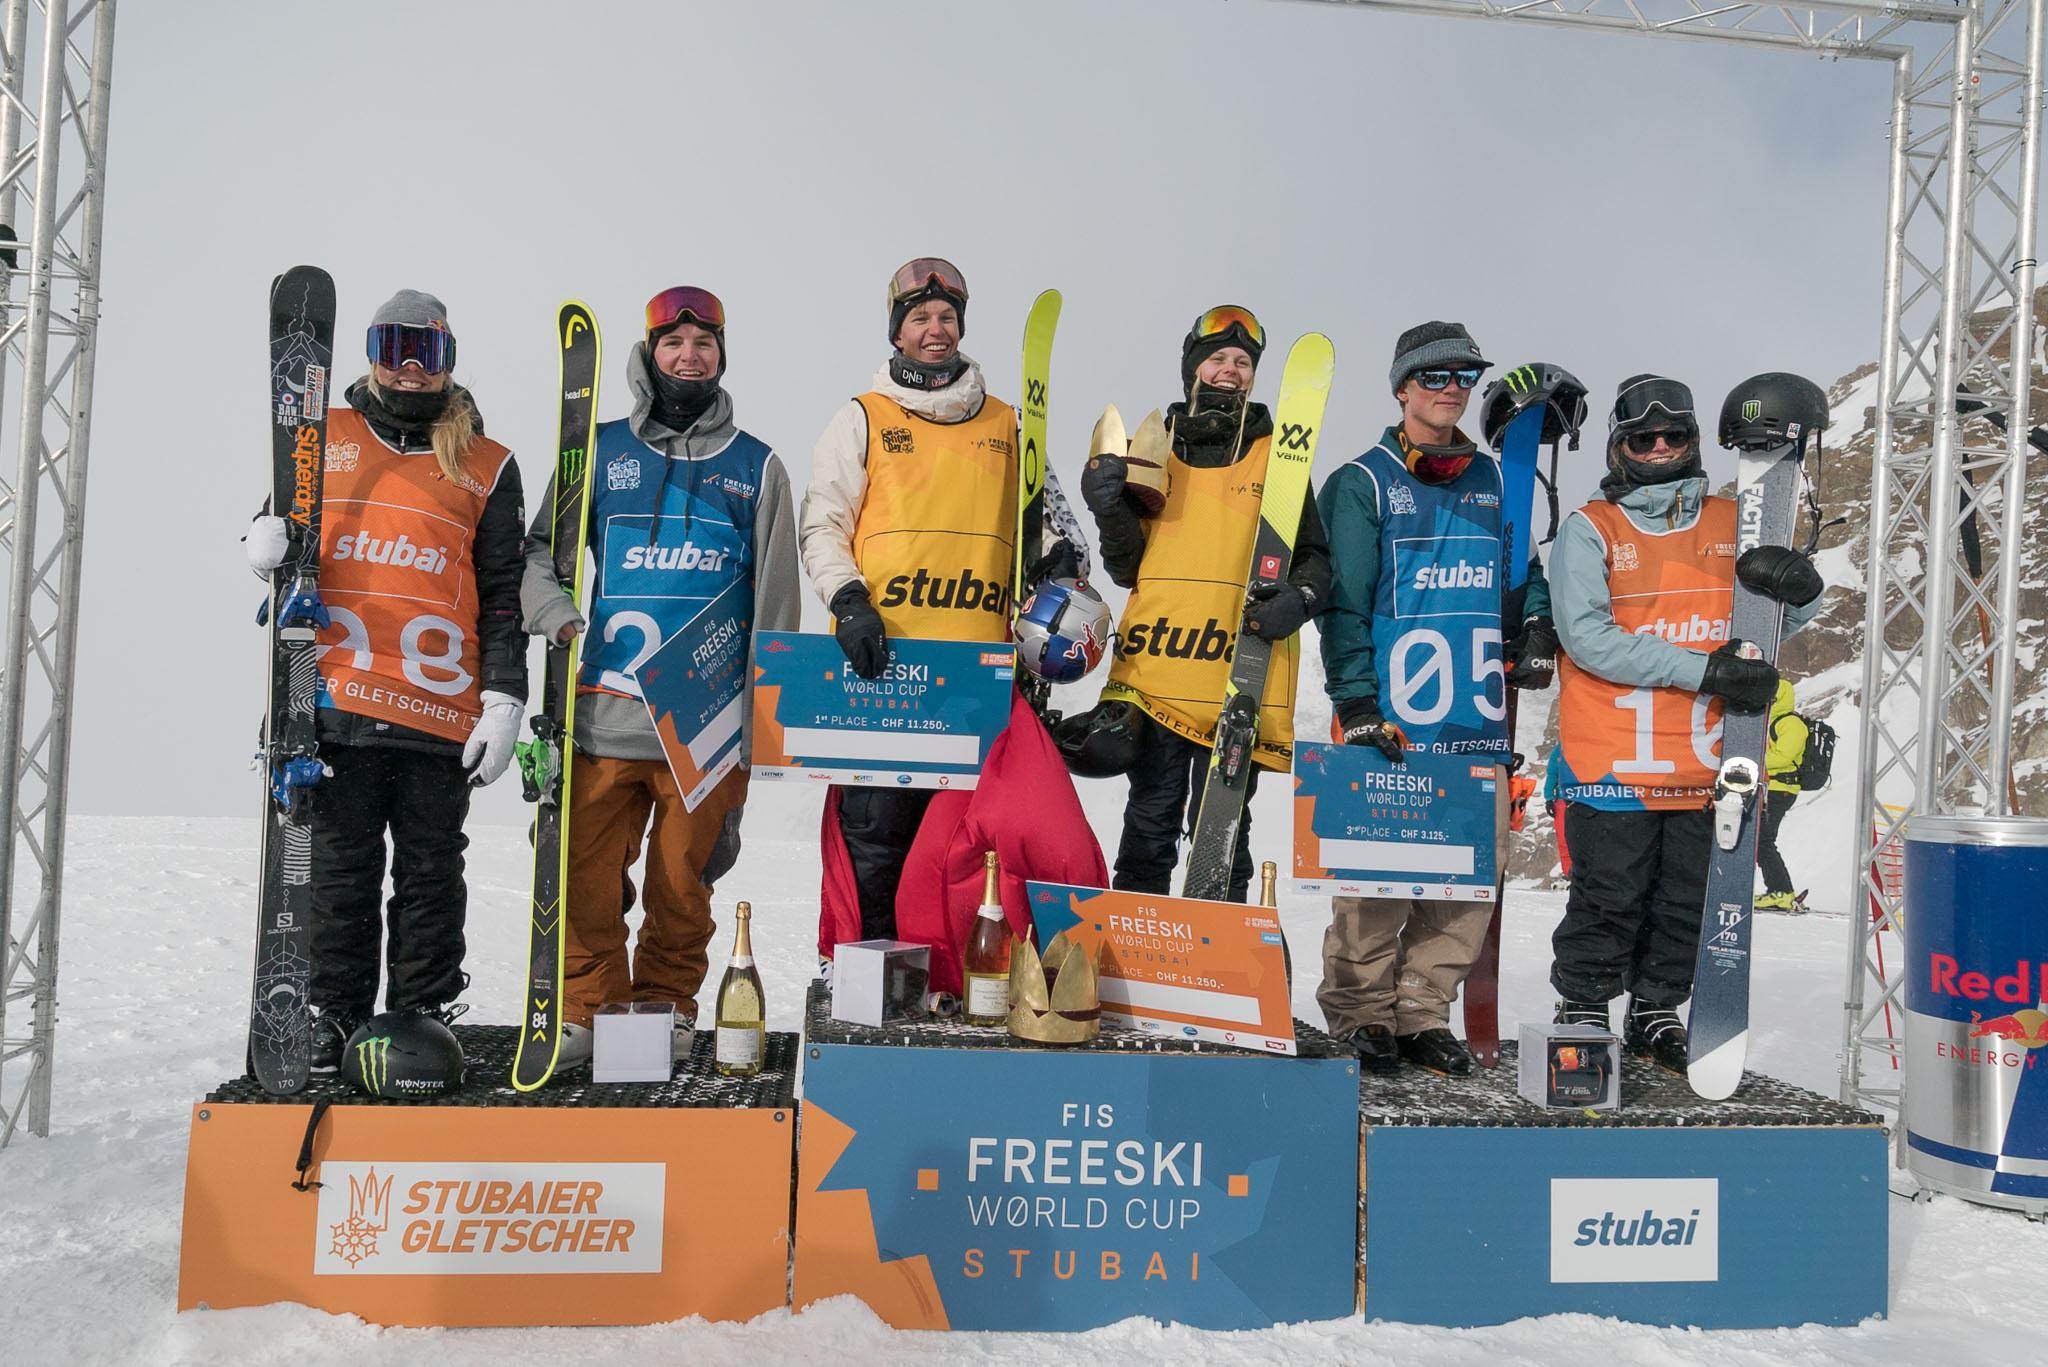 Alle glücklichen Gewinner des Stubai Freeski Worldcups 2017 auf einen Blick: Katie Summerhayes, Evan McEachran, Oystein Braten, Jennie-Lee Burmansson, Colby Stevenson und Claire Caroline (v.l.n.r.)